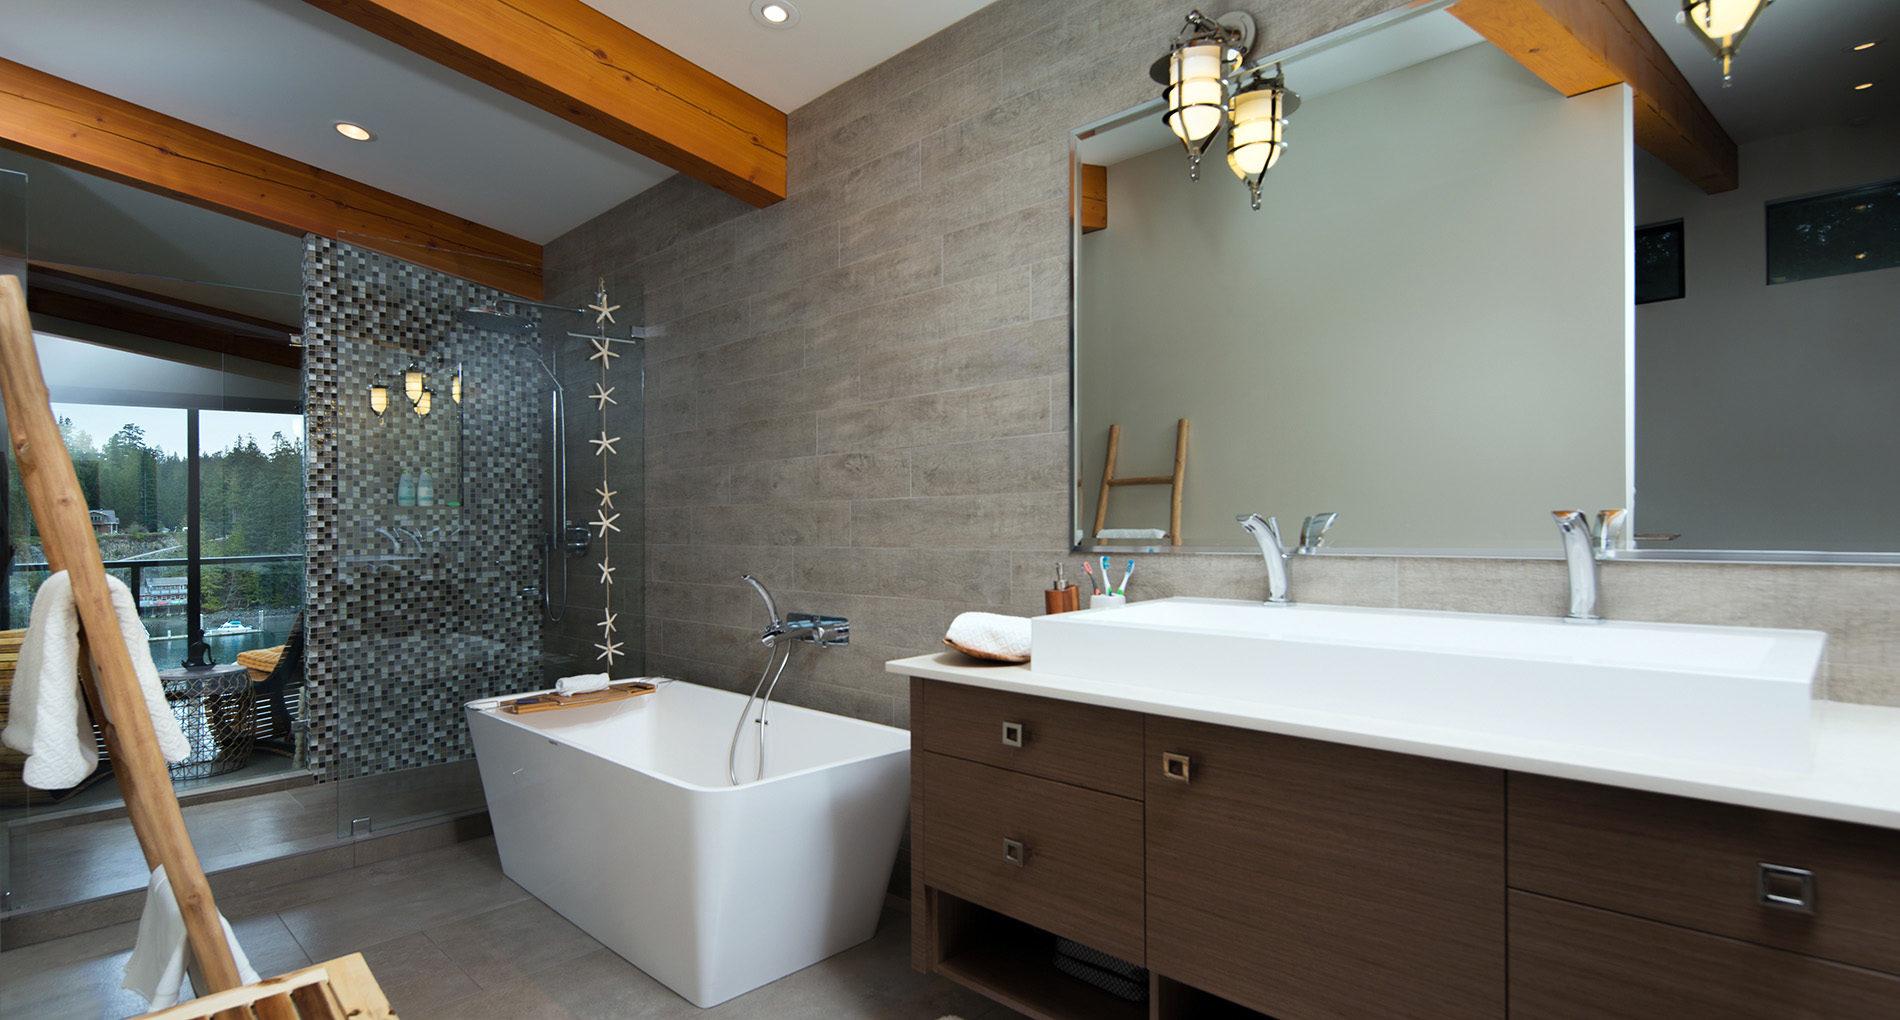 Bathroom Renovation Delta Cliffcustom Slider